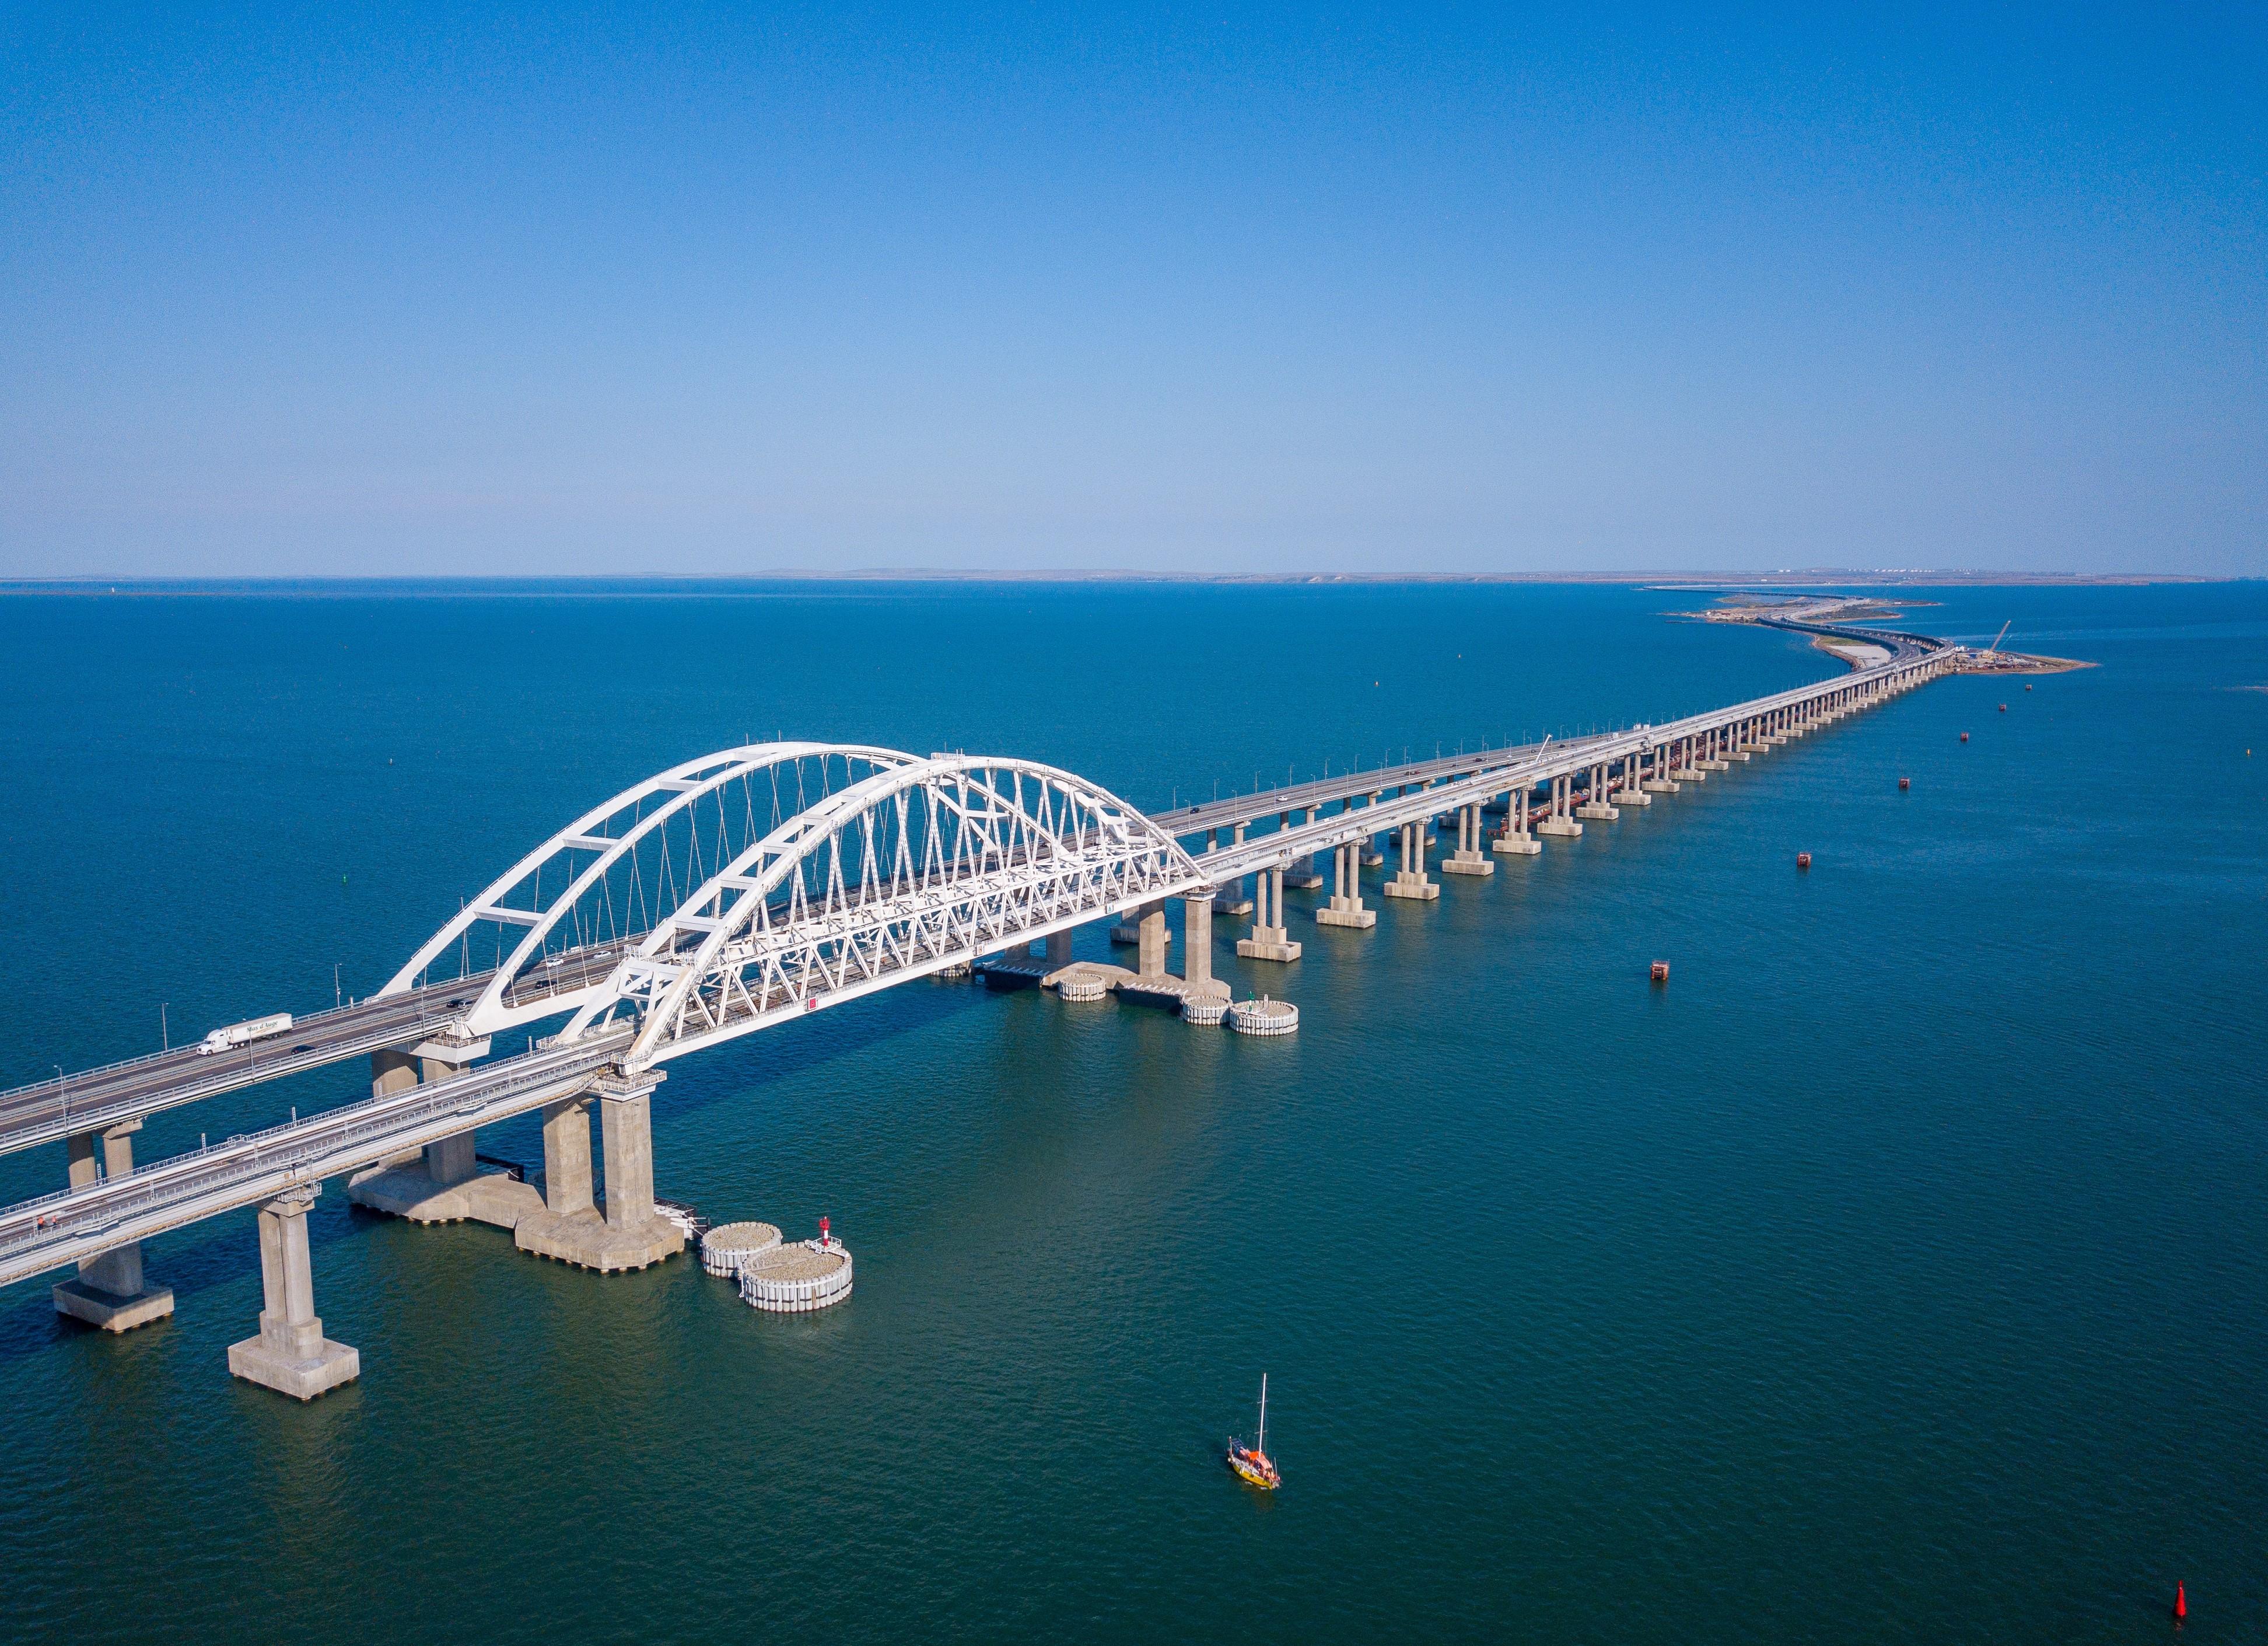 объединены небольшие фото проекта керченского моста состоит отсканированных